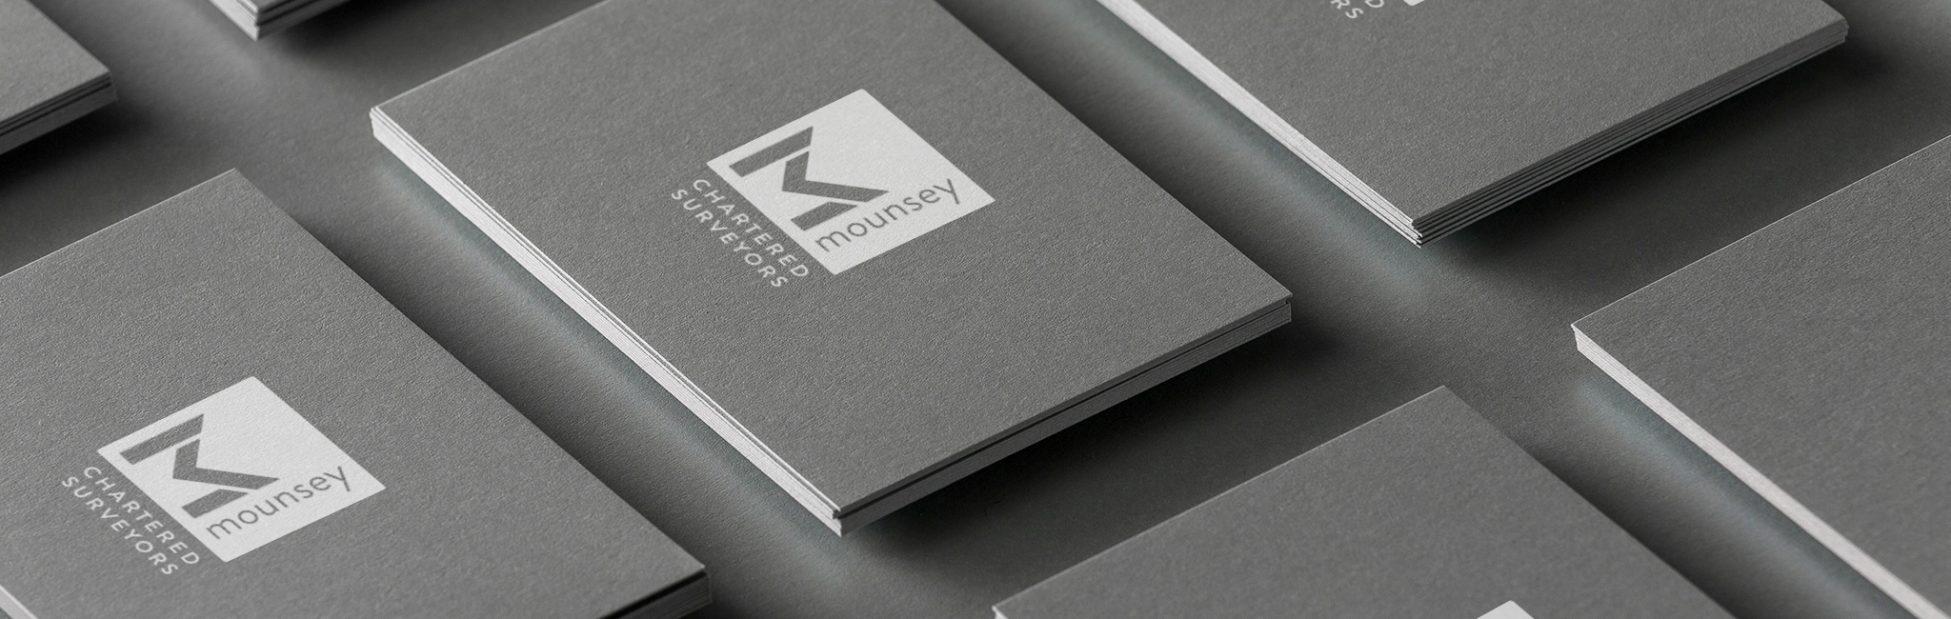 Mounsey Business card header